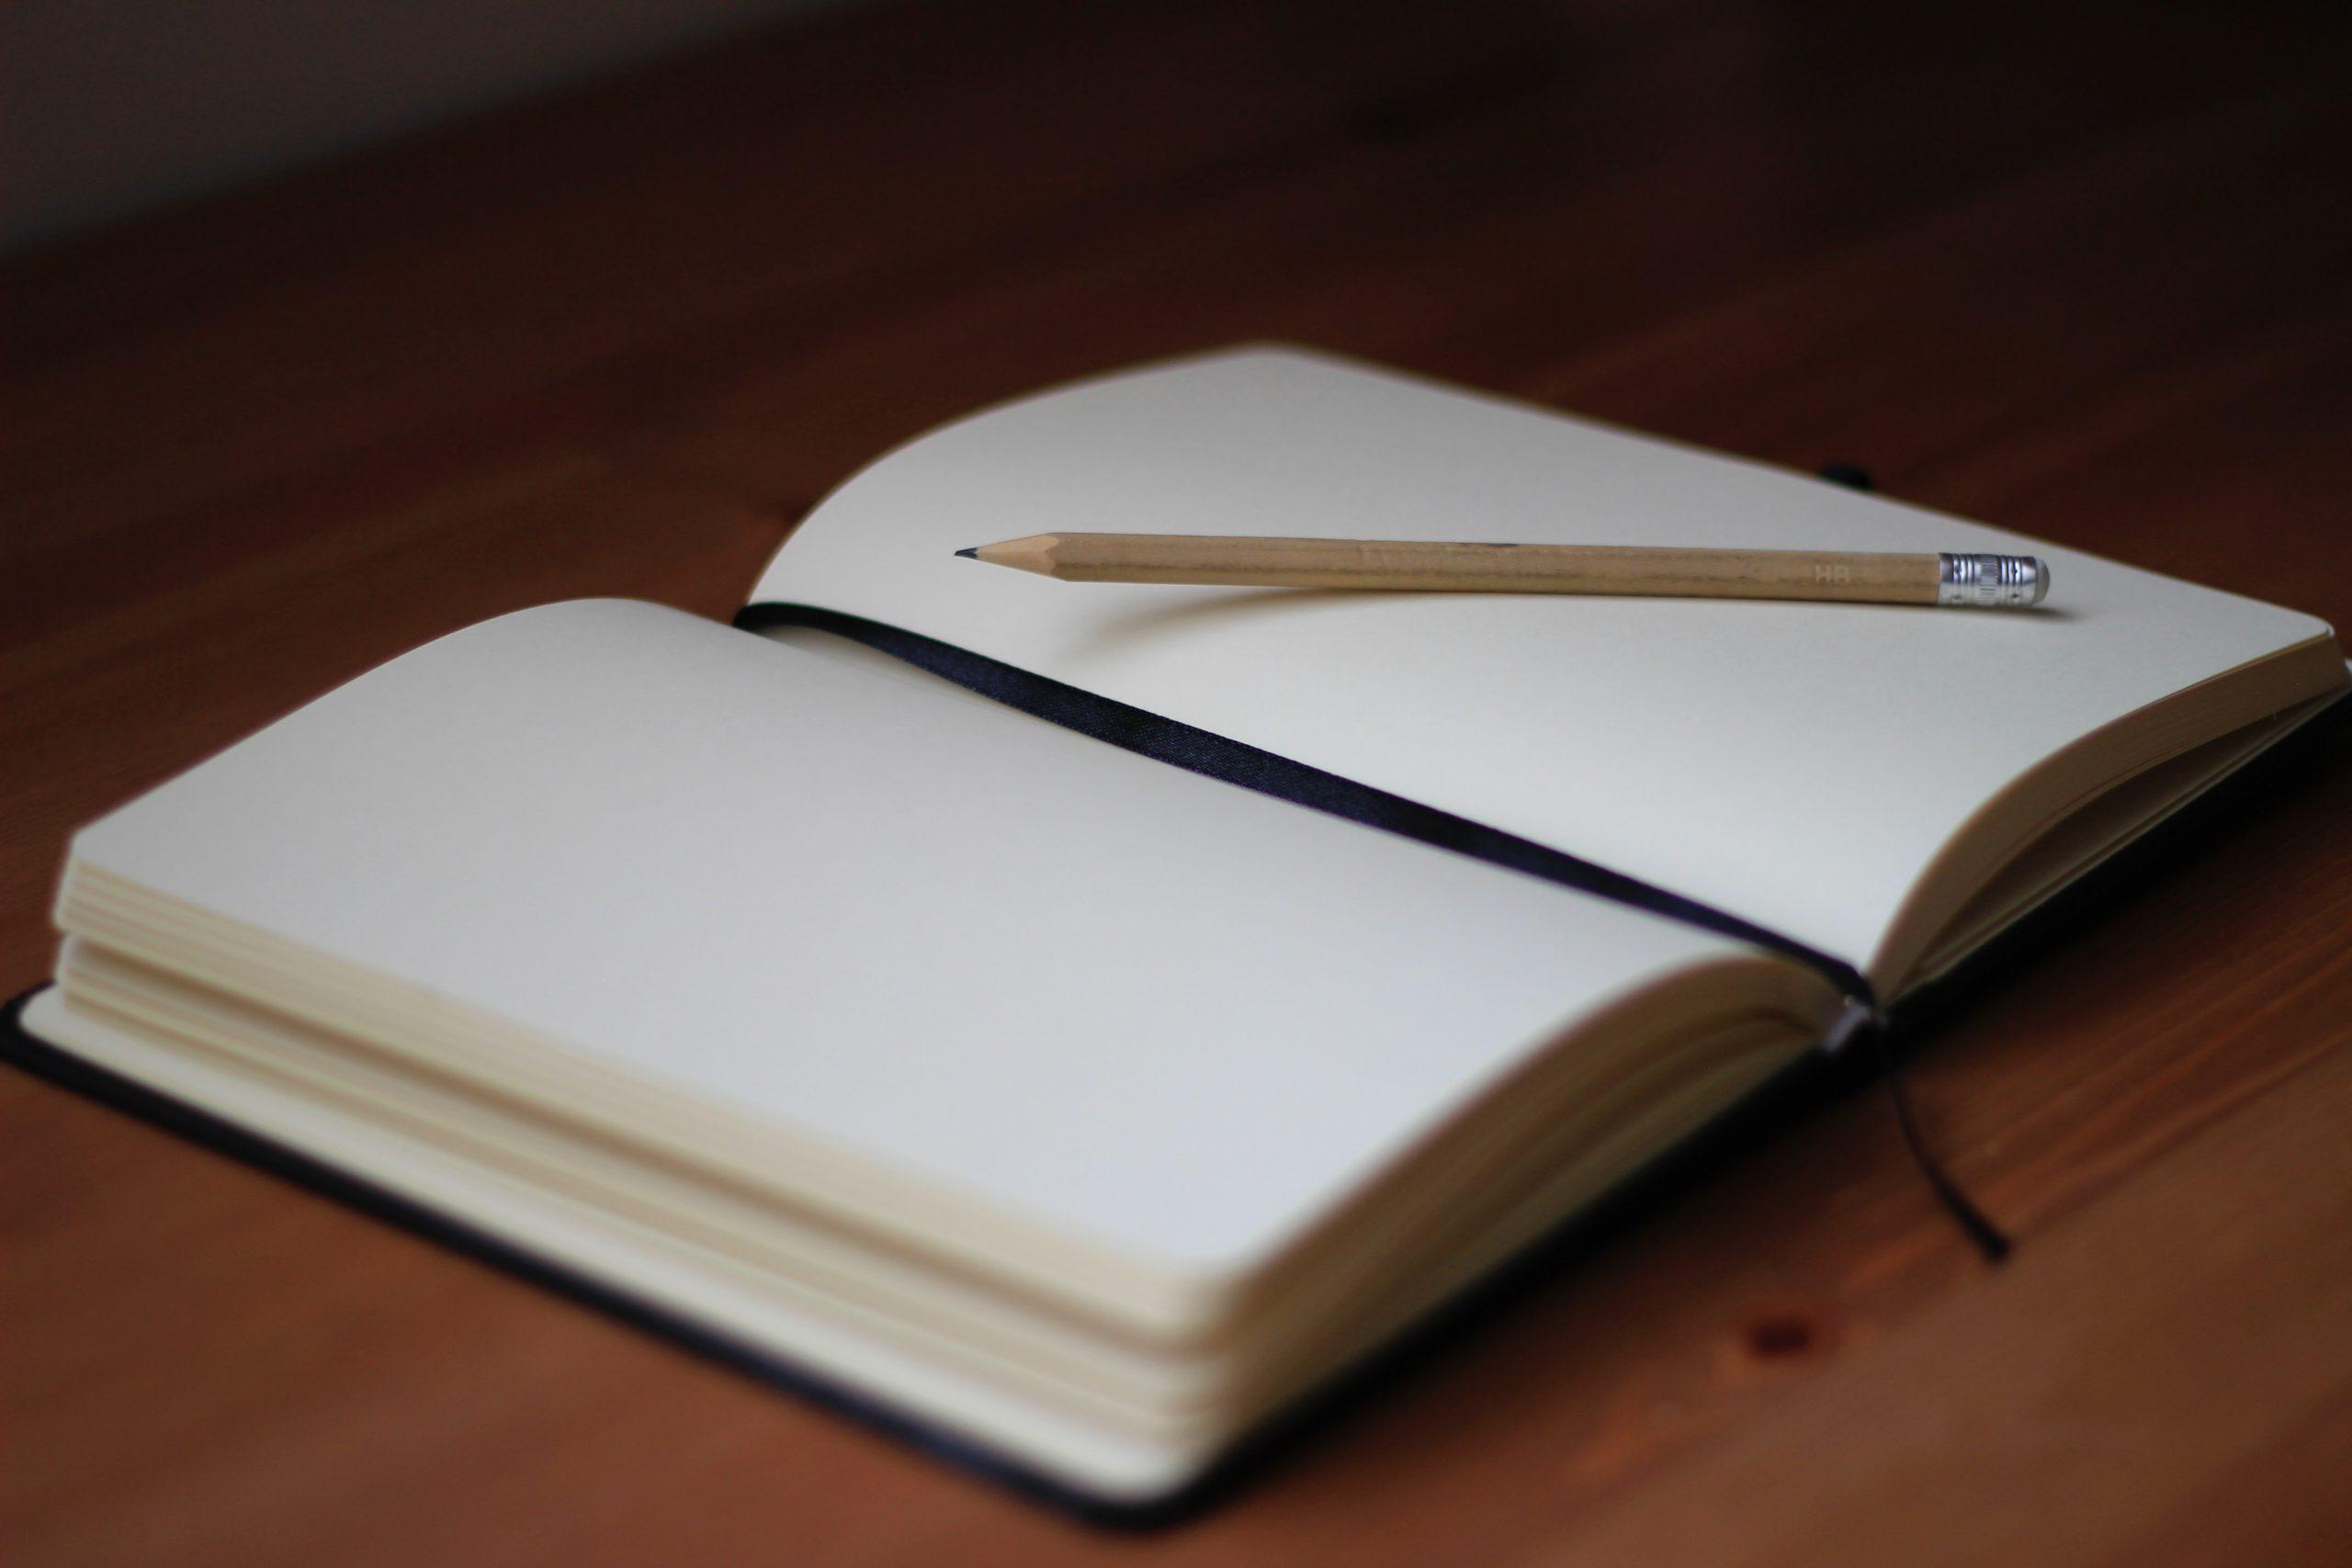 carnet sur un bureau avec un crayon posé dessus